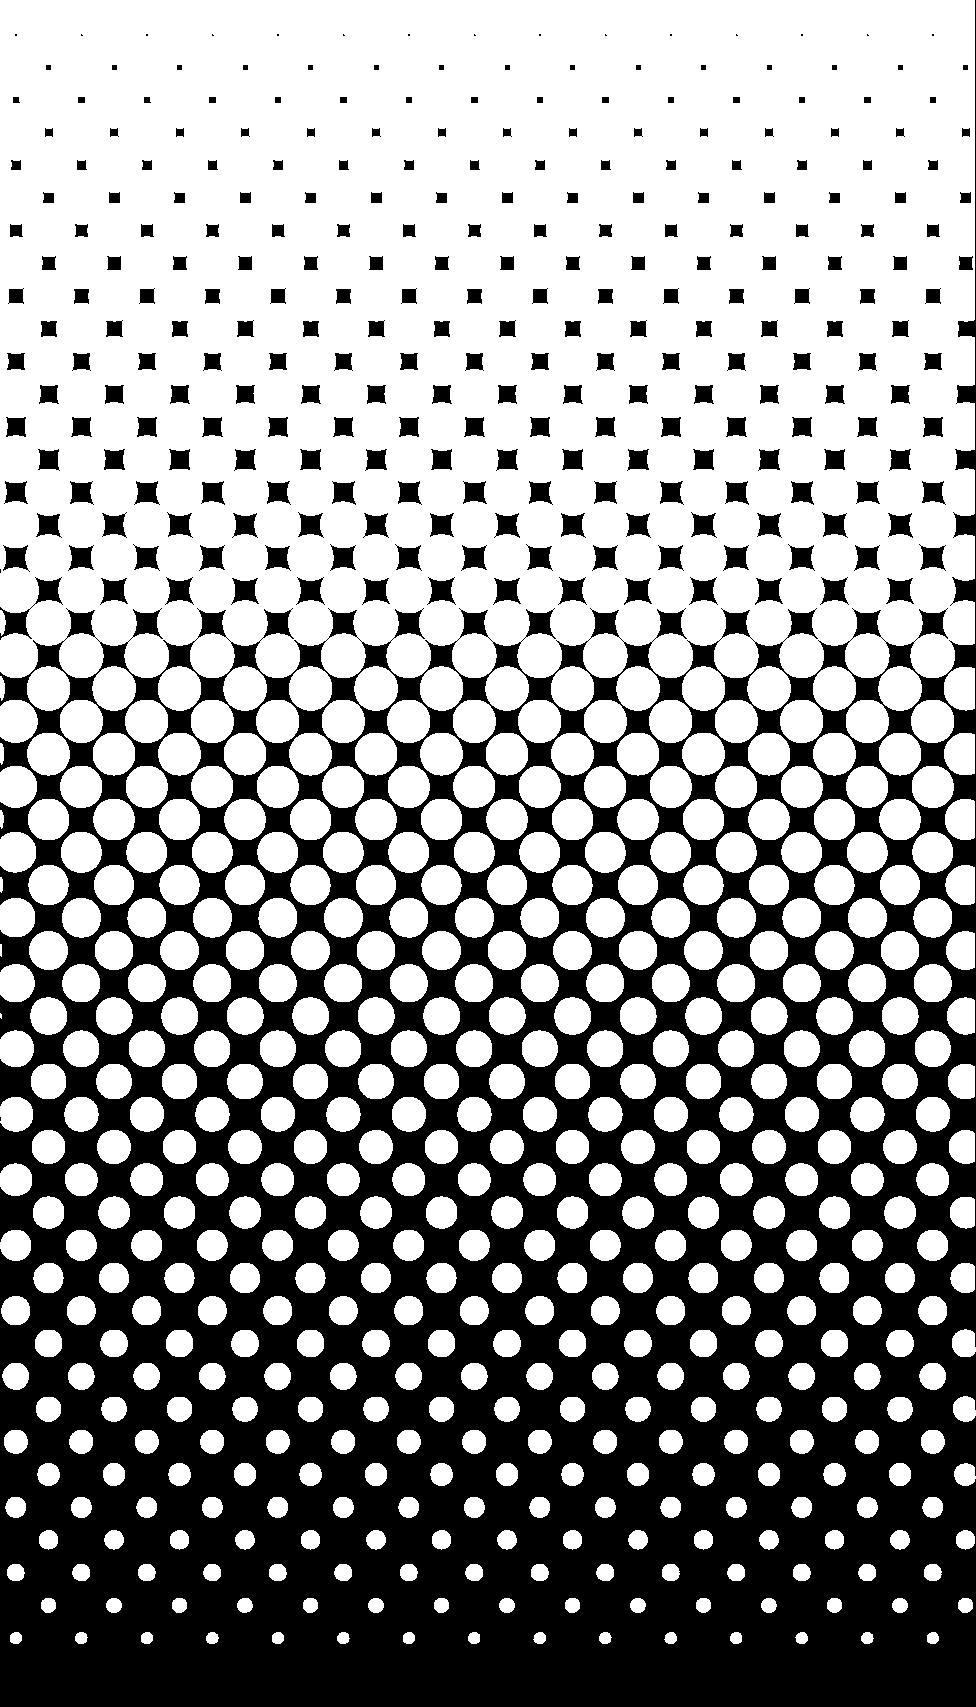 halftone gradient